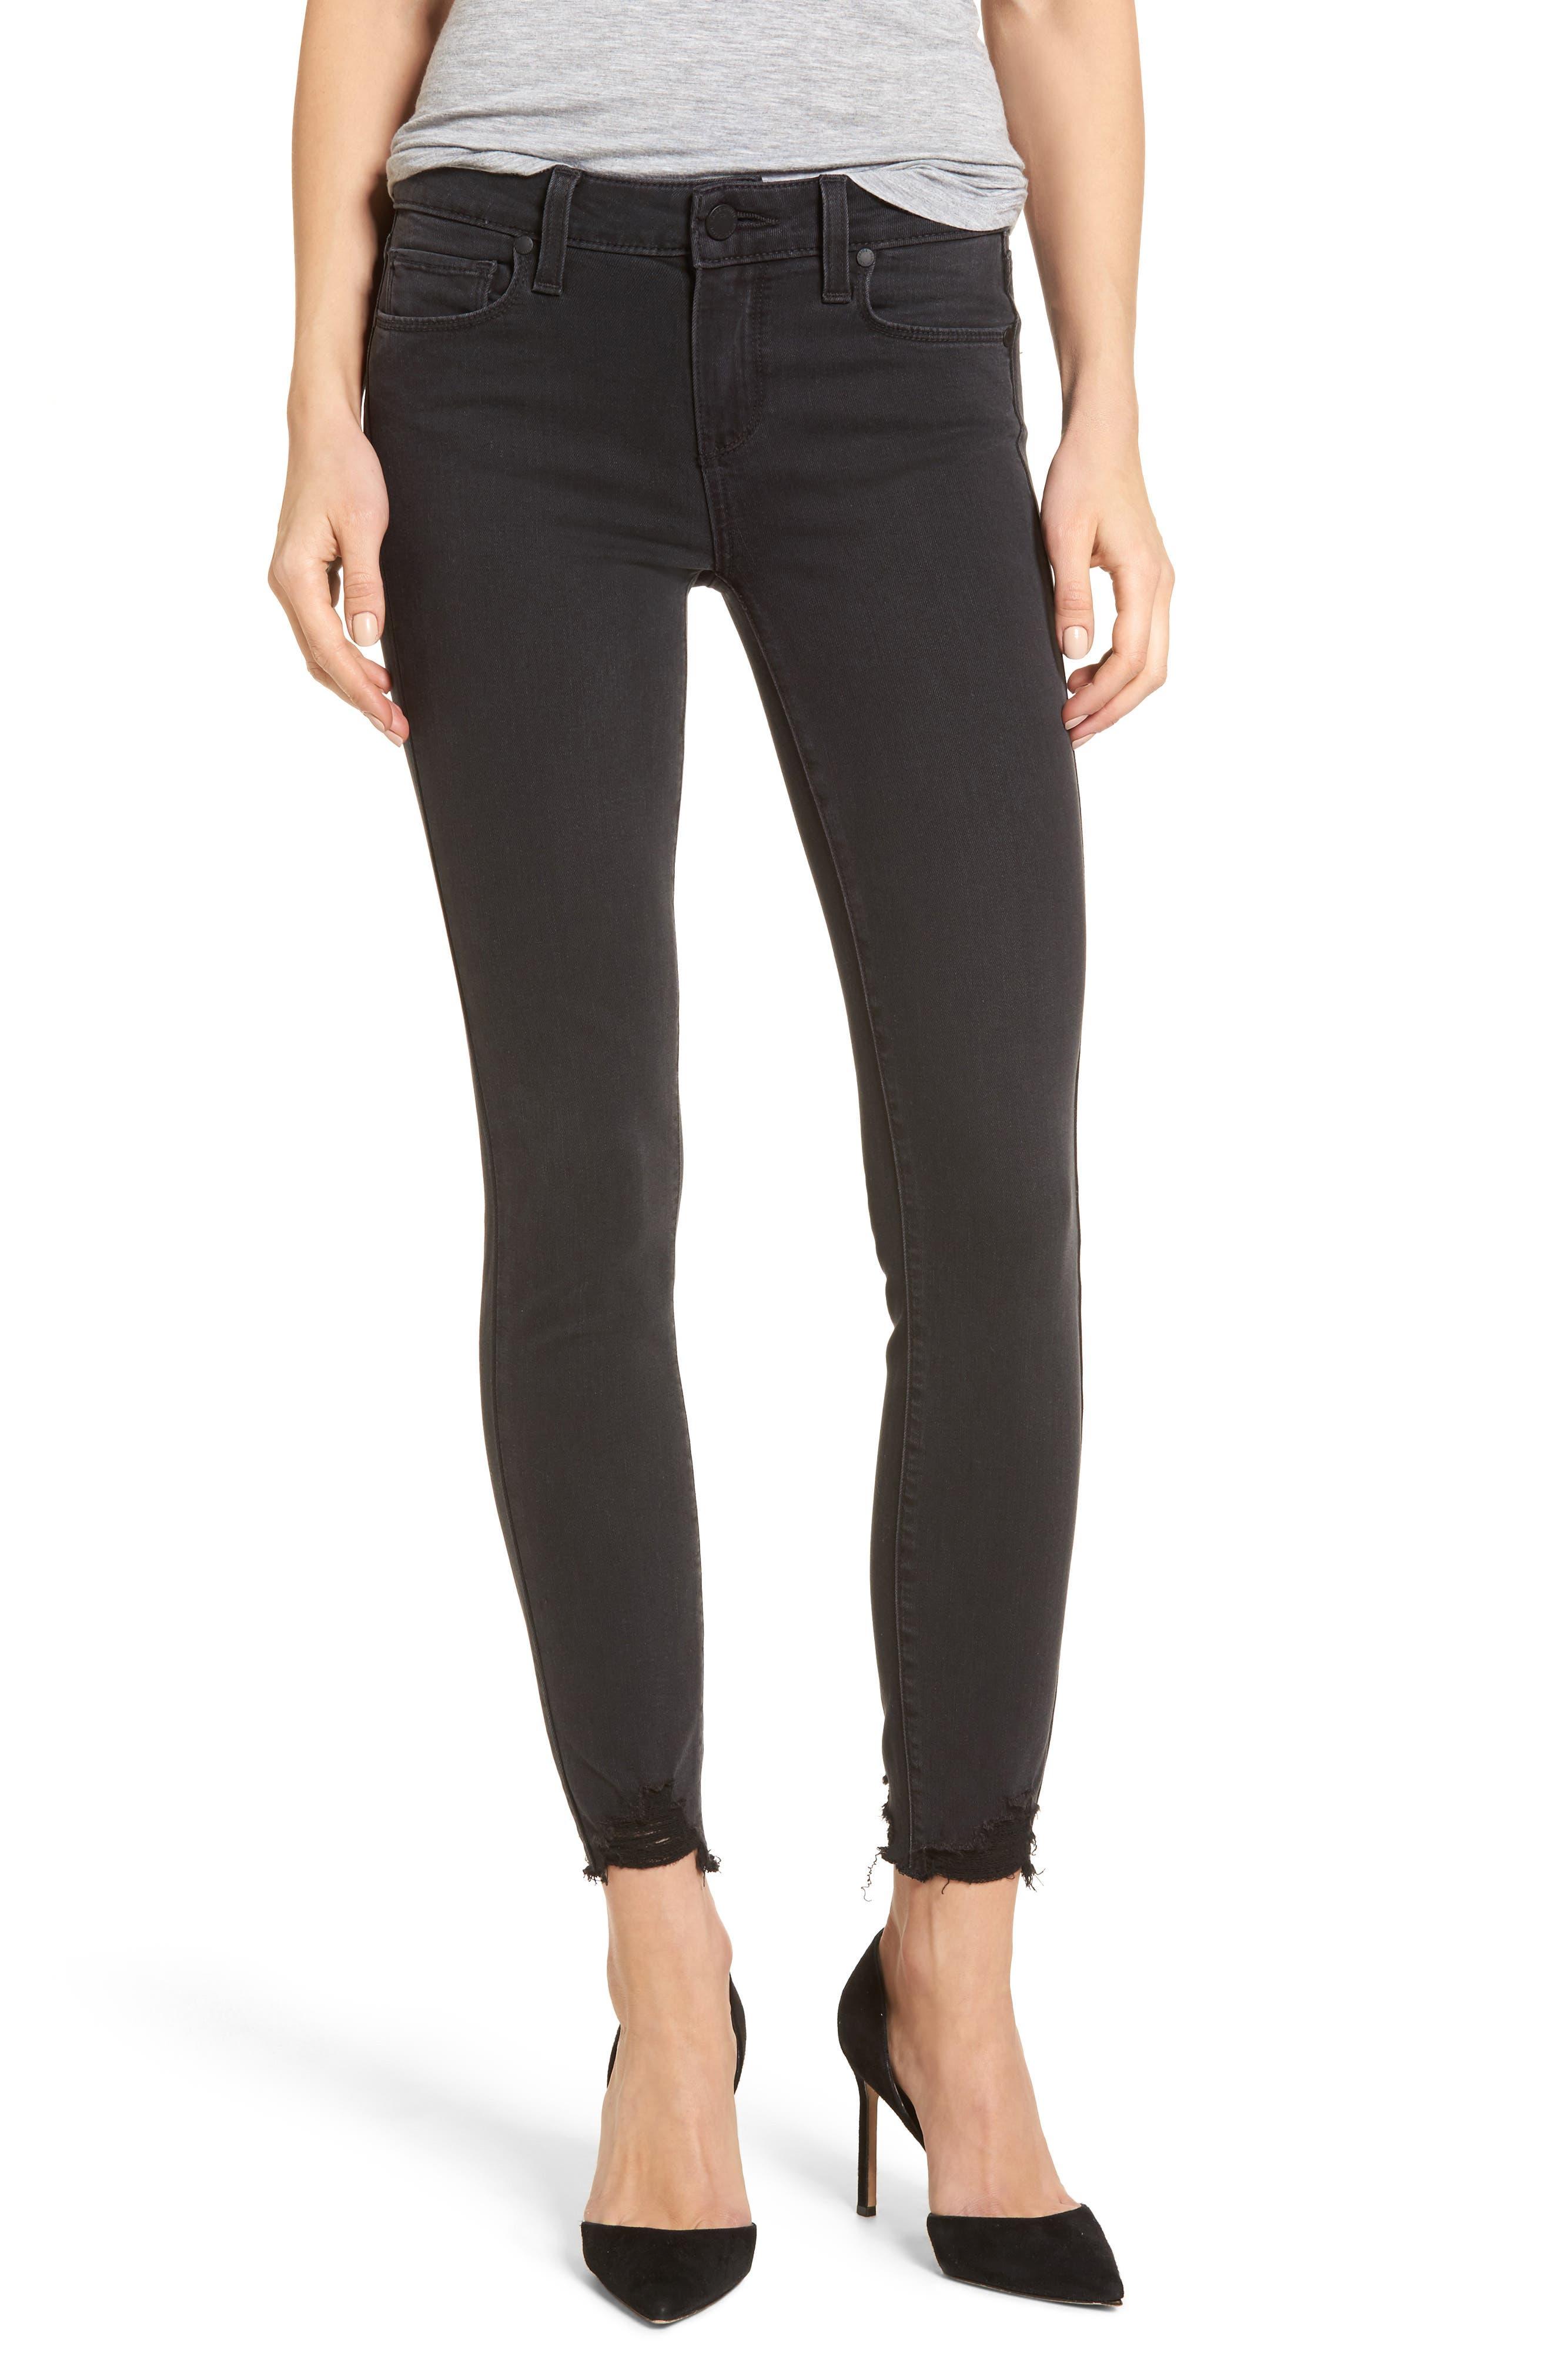 Transcend - Verdugo Ankle Skinny Jeans,                         Main,                         color, Black Fog Super Distressed